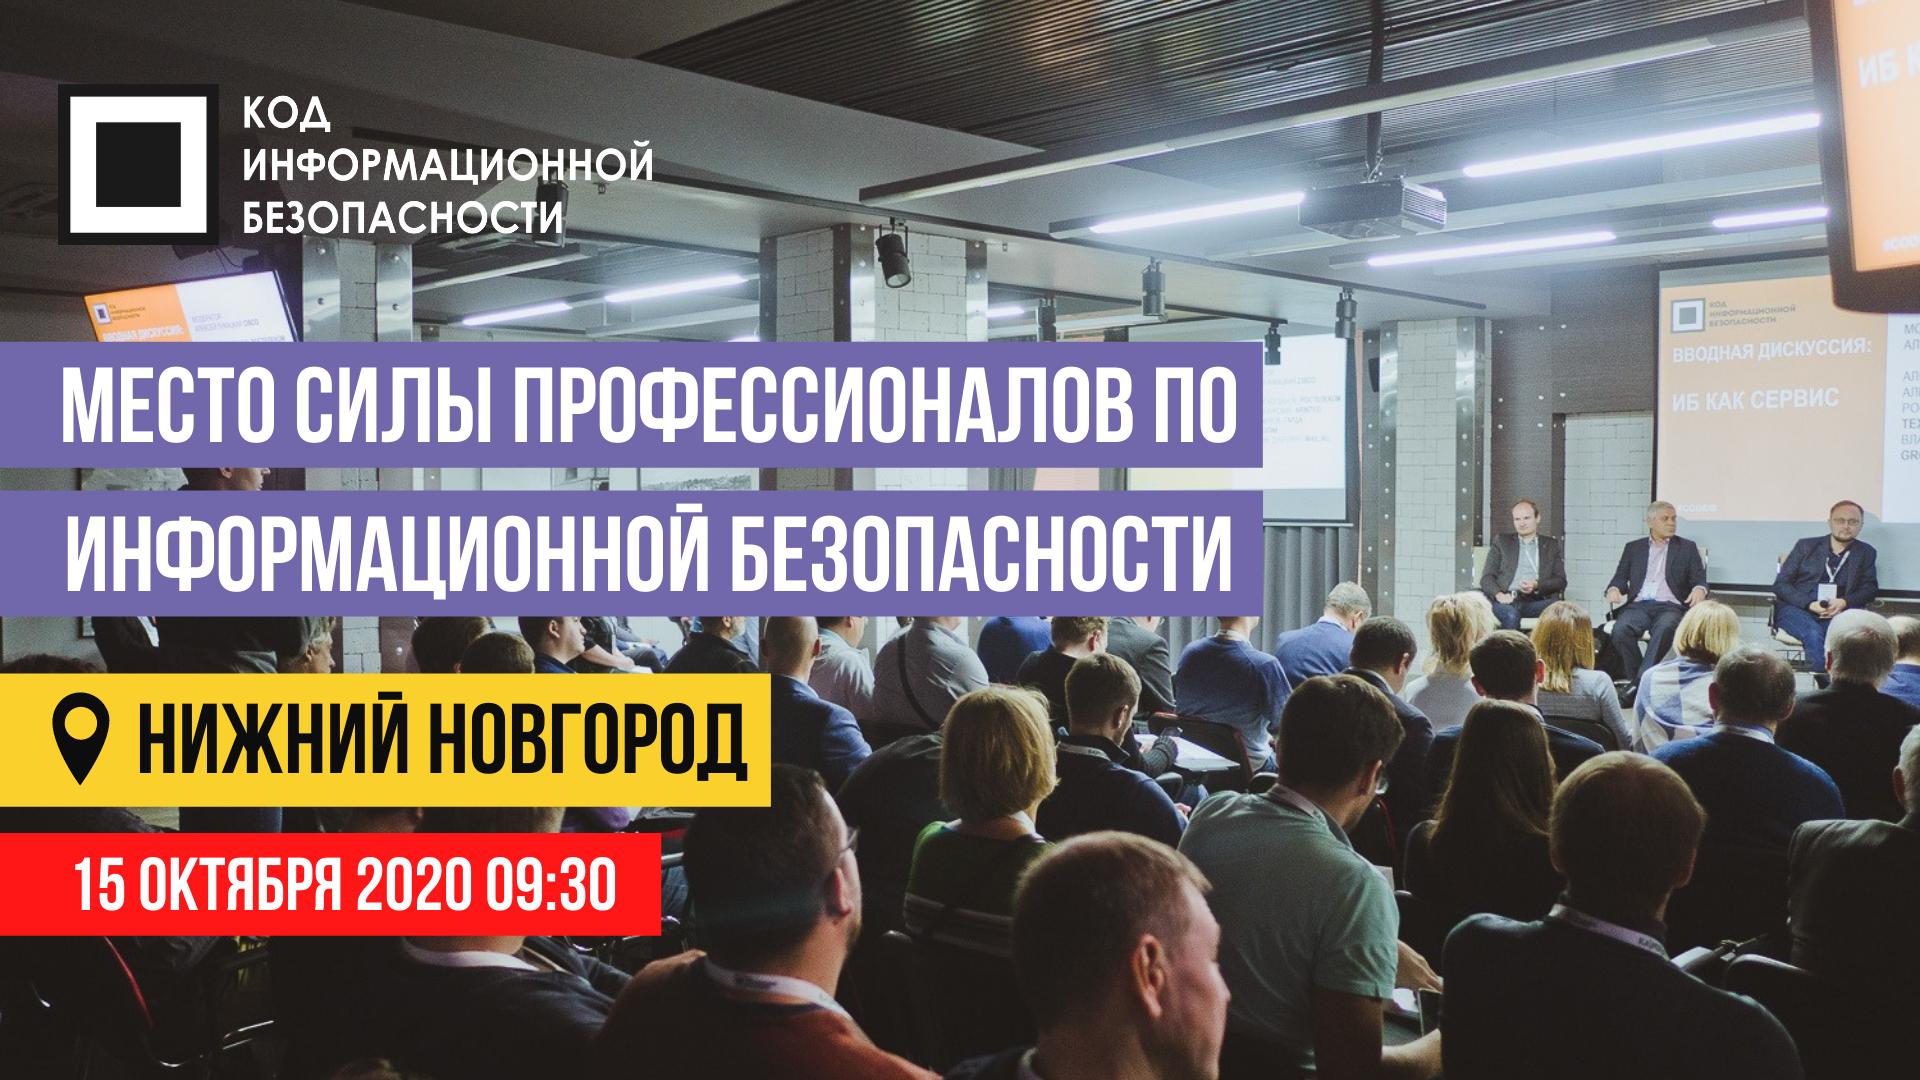 В Нижнем Новгороде состоится живая конференция по информационной безопасности Код ИБ